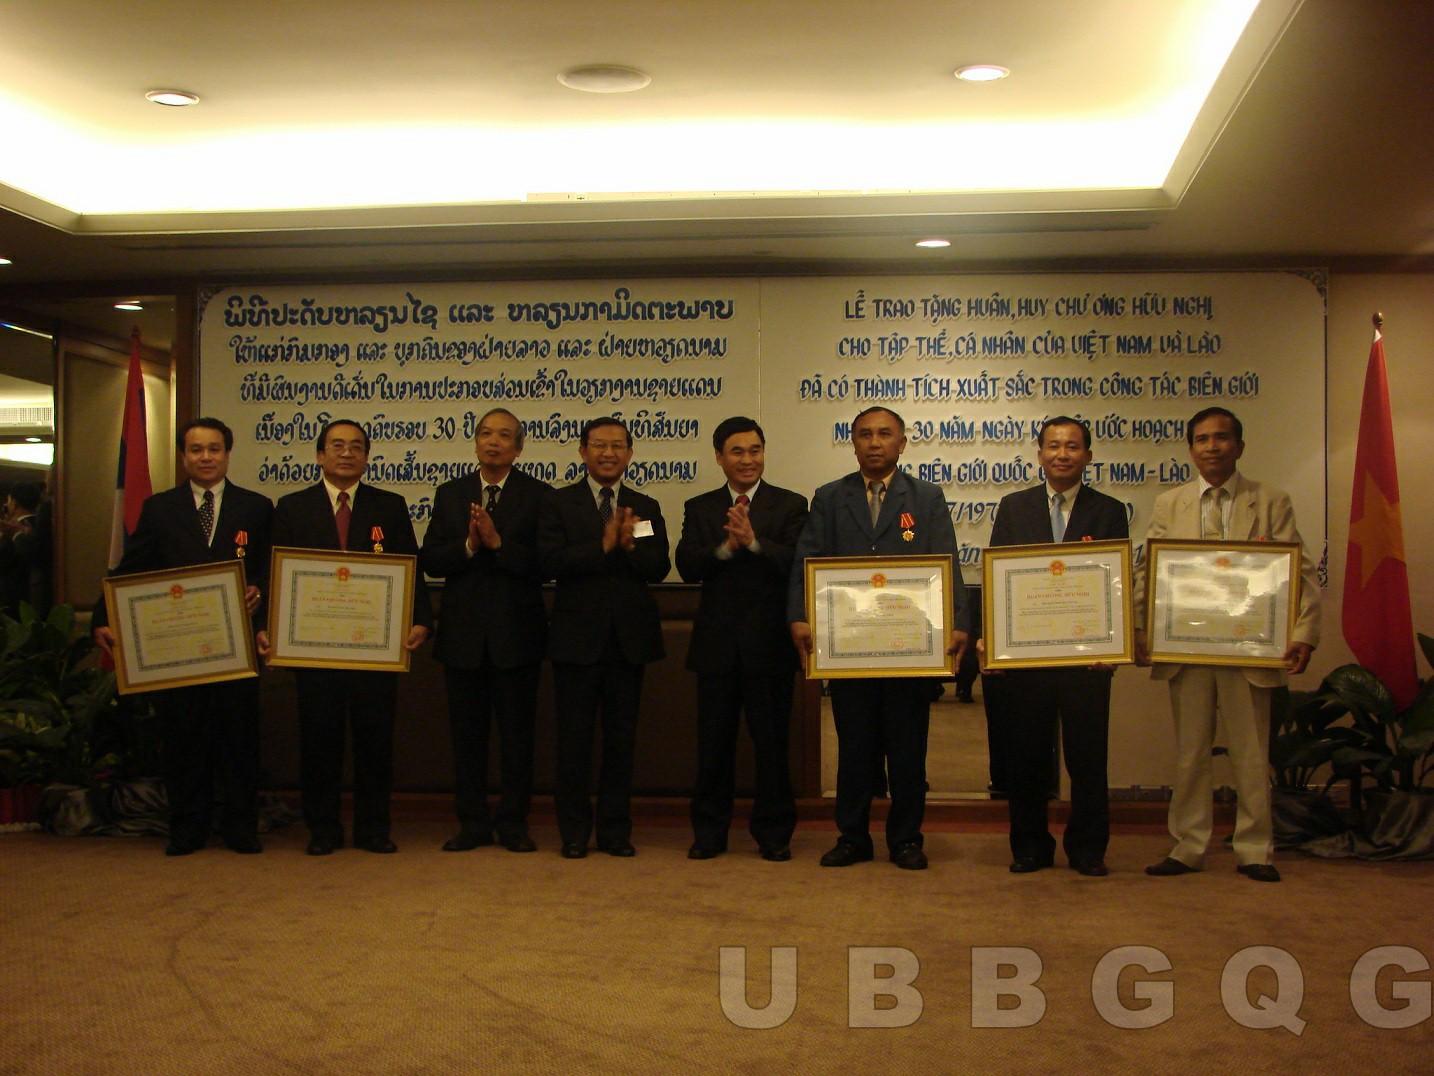 Thứ trưởng Bộ Ngoại giao Hồ Xuân Sơn trao Huân, Huy chương hữu nghị cho tập thể, các nhân của Việt Nam và Lào đã có thành tích xuất sắc trong công tác biên giới, năm 2008.